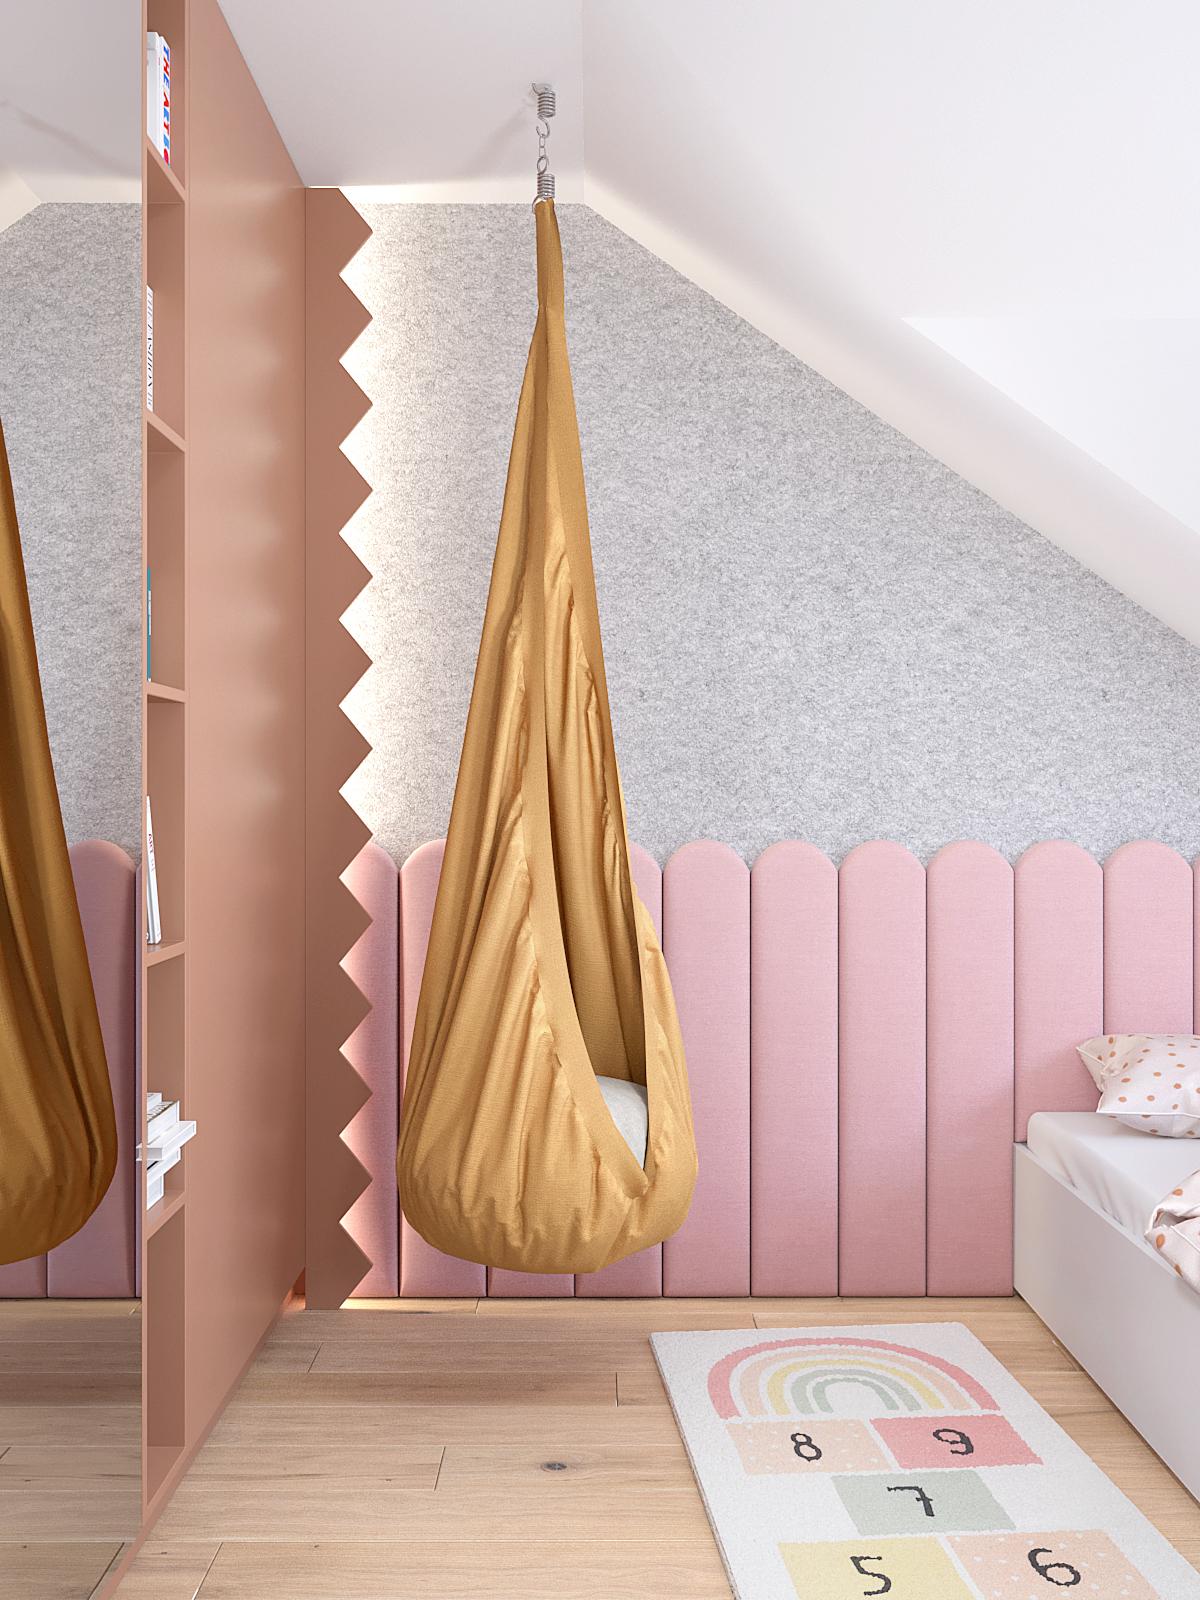 16 projektant wnetrz D423 poddasze Myslowice pokoj dziewczynki rozowa zabudowa sciana tapicerowana hustwaka worek